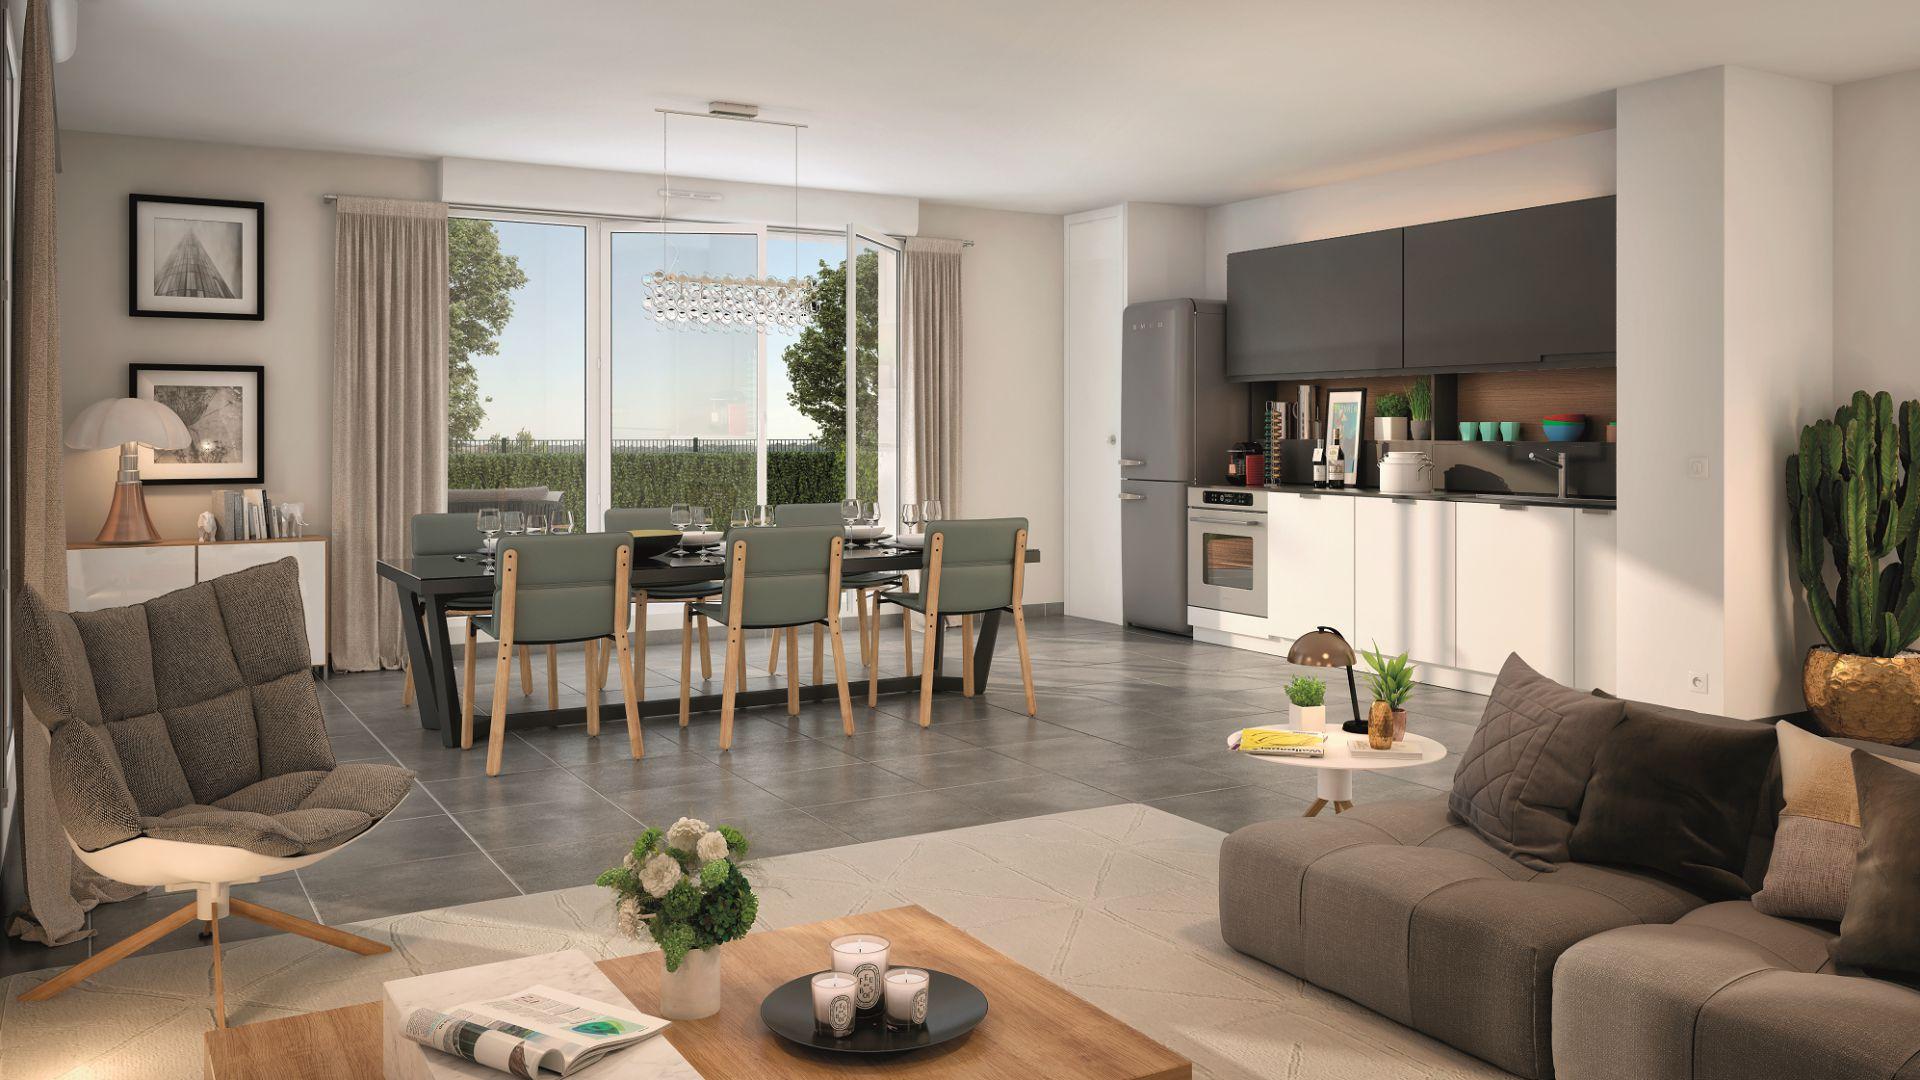 GreenCity immobilier - La Rochelle - Chatelaillon plage - Le Clos D Antoine - intérieur villa T5